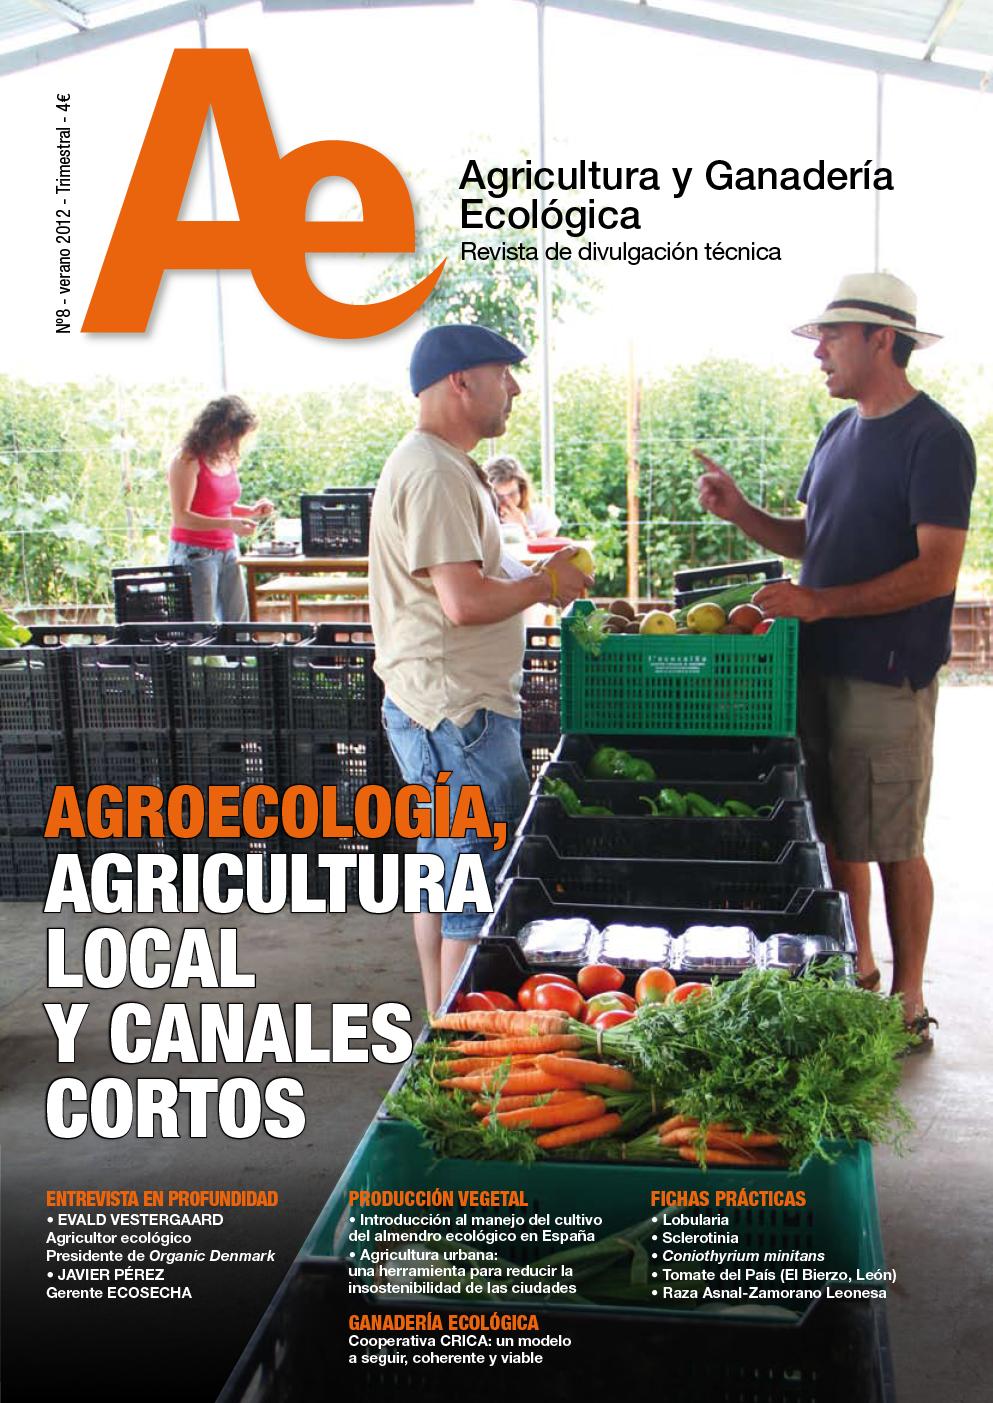 Cover of Uso de fertilizantes y acondicionadores de suelo en agricultura ecológica